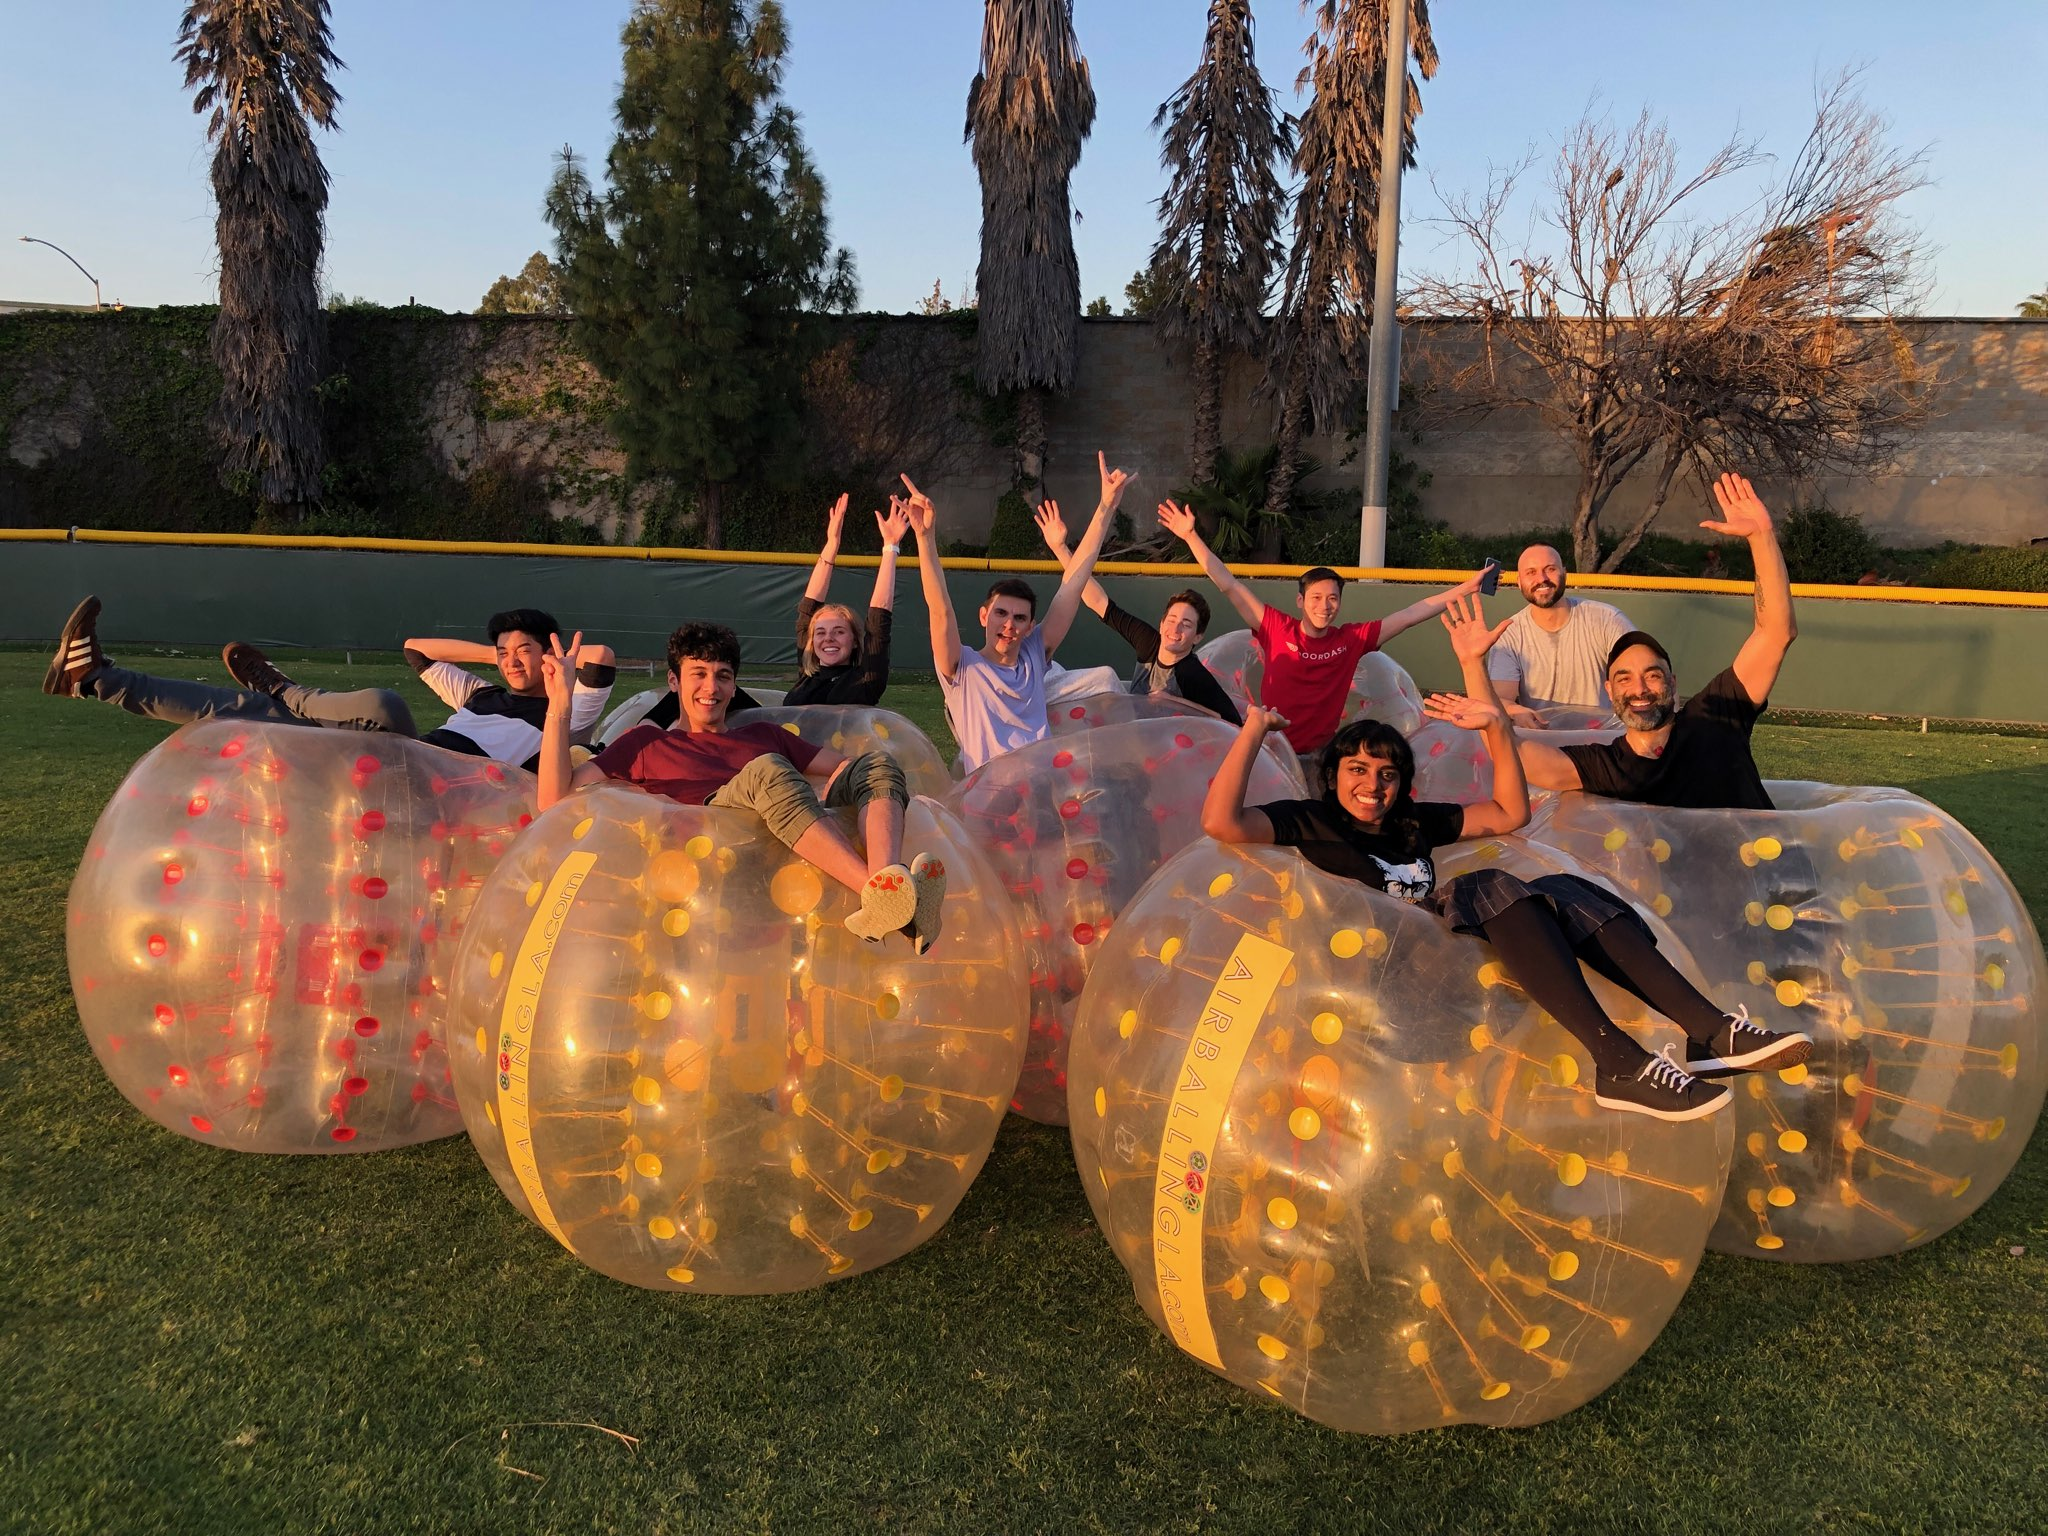 Bubble Soccer in Tustin